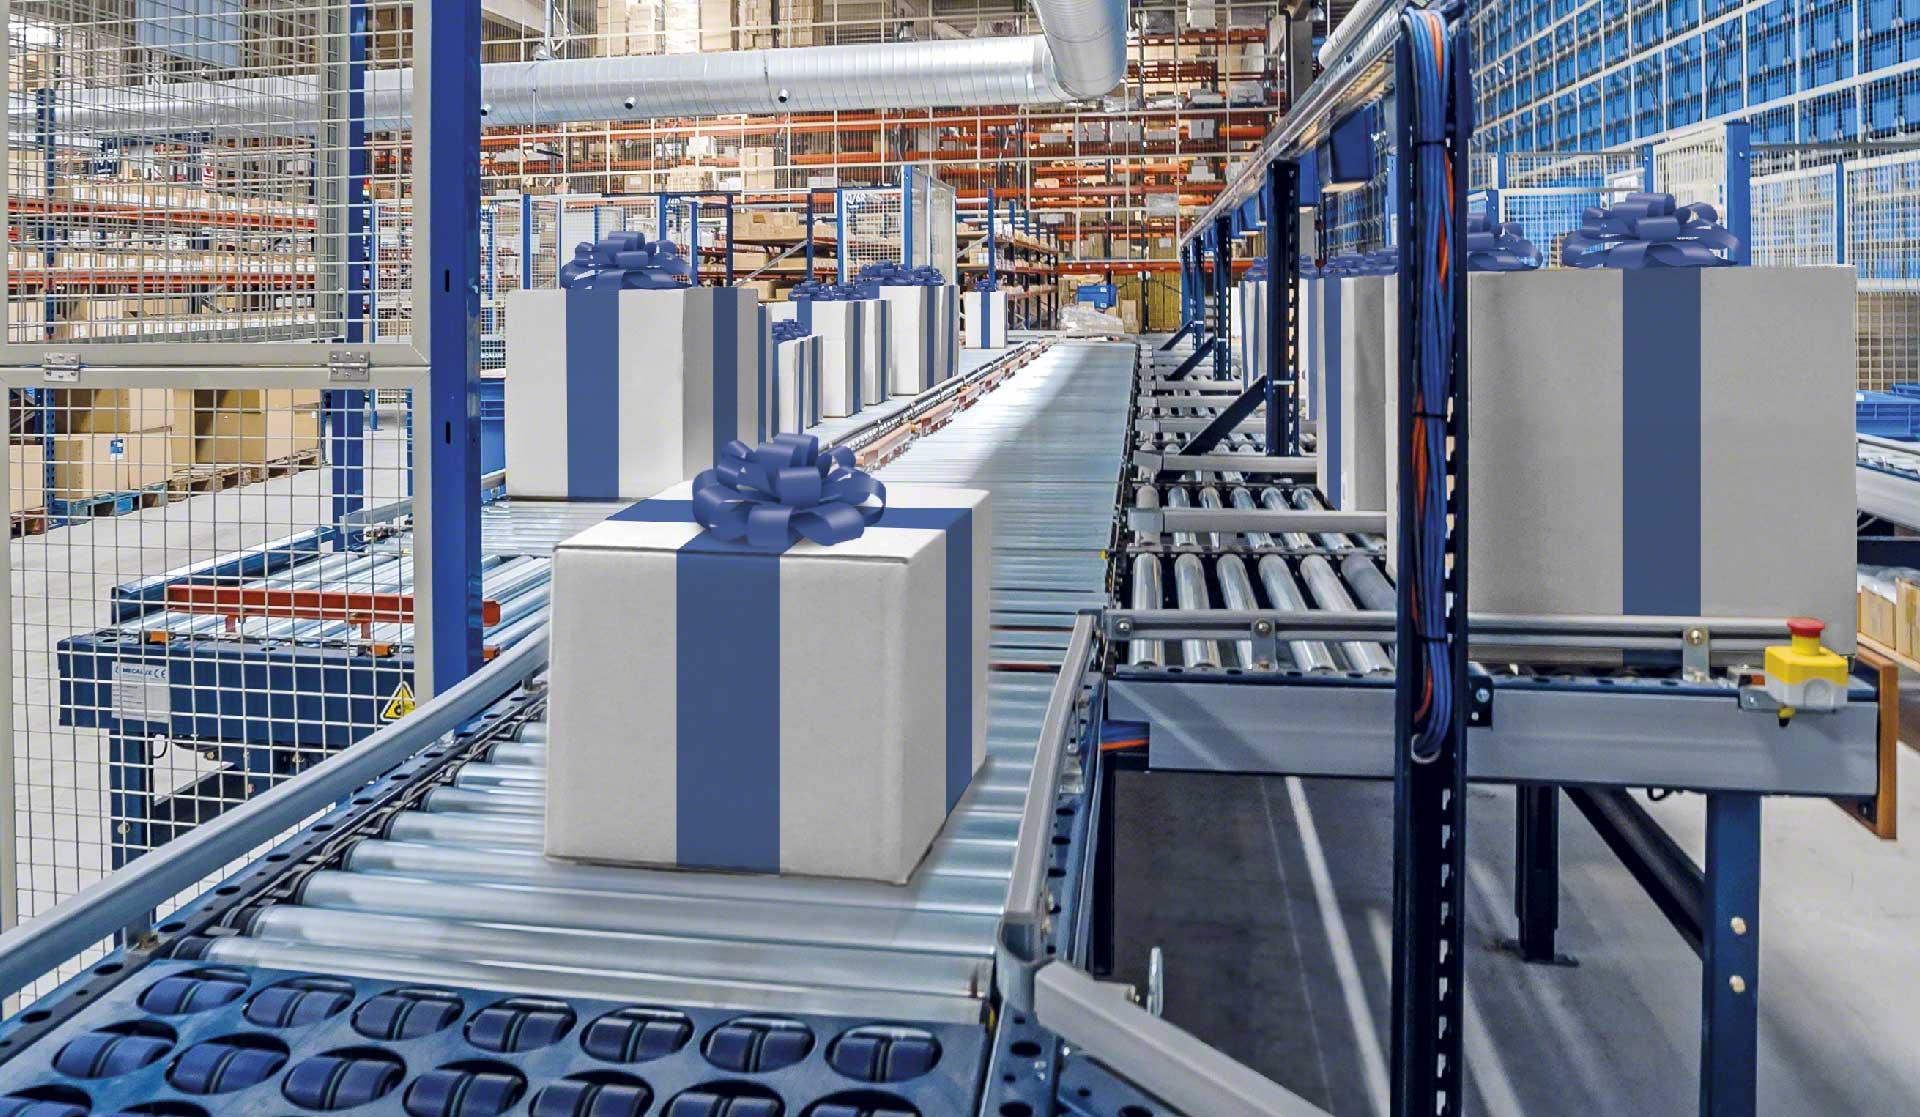 La logística en Navidad se caracteriza por un notable aumento en la preparación de pedidos